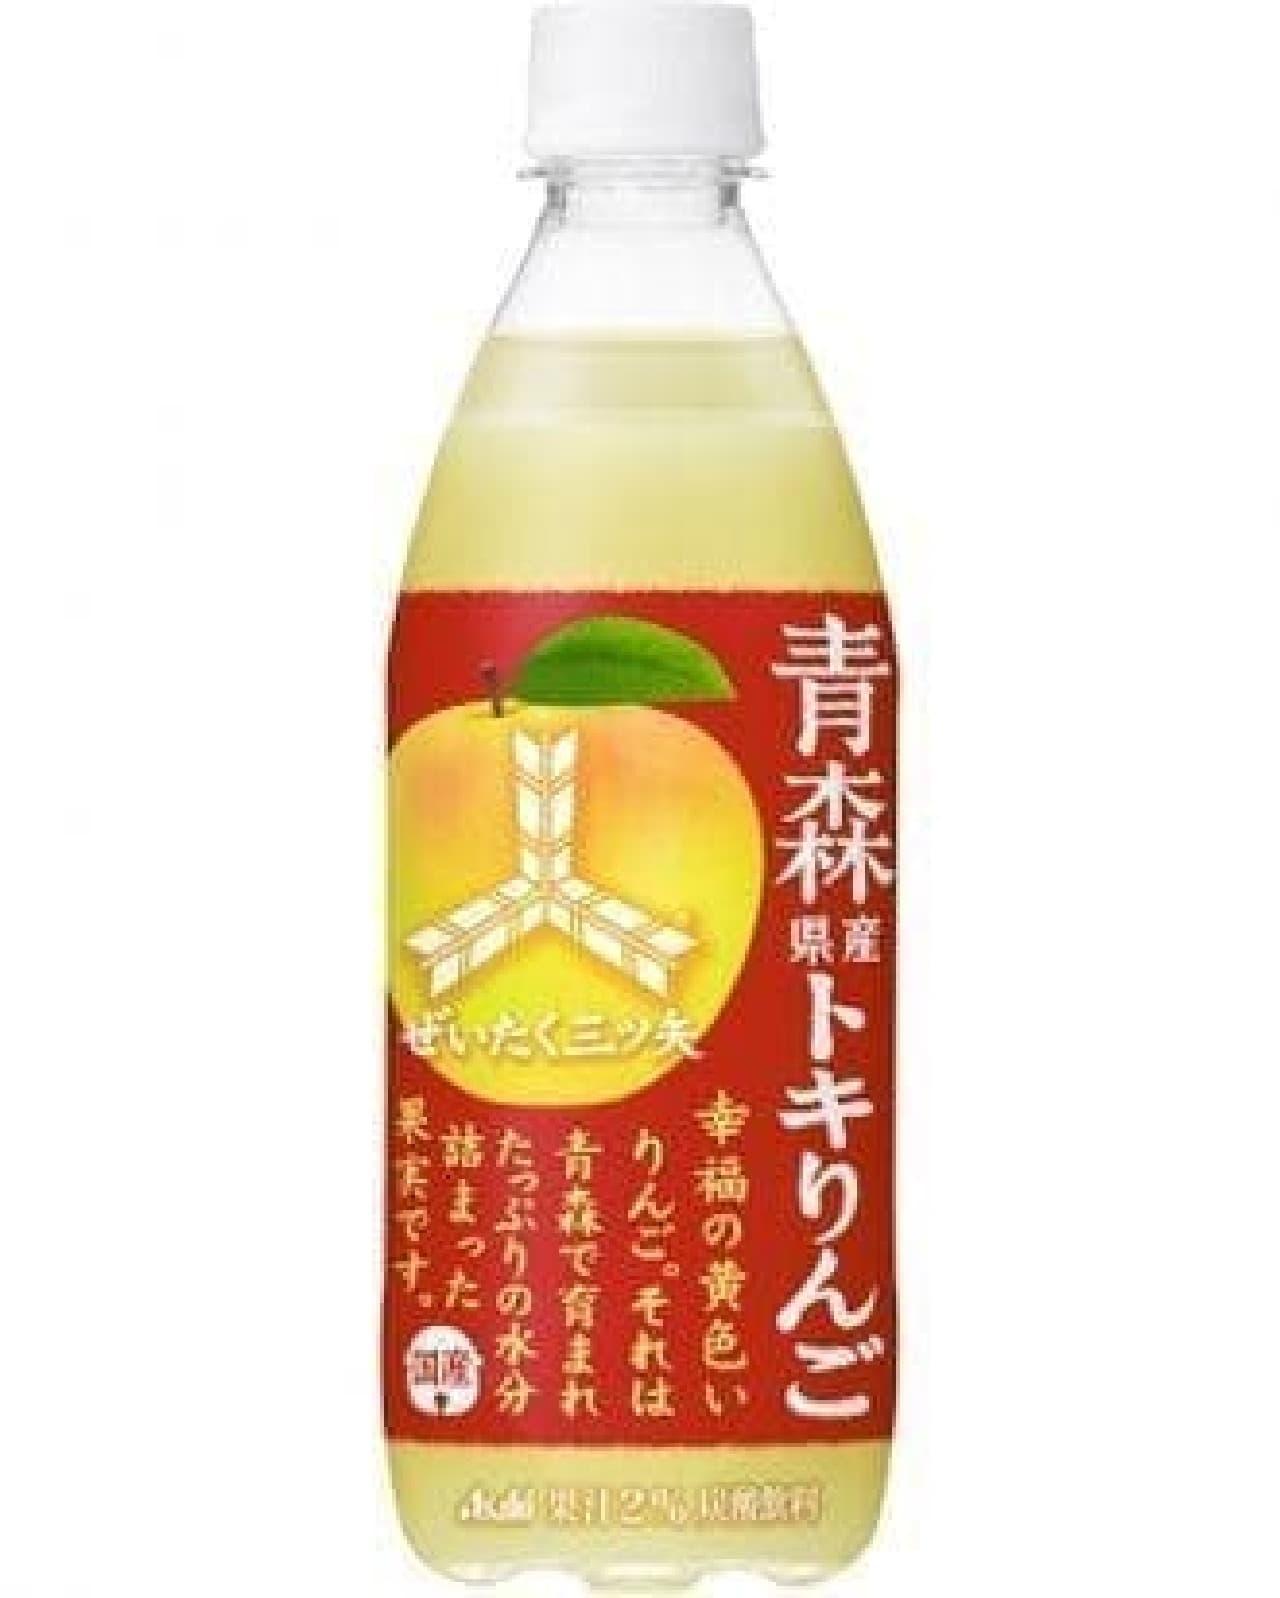 アサヒ飲料「ぜいたく三ツ矢 青森県産トキりんご」